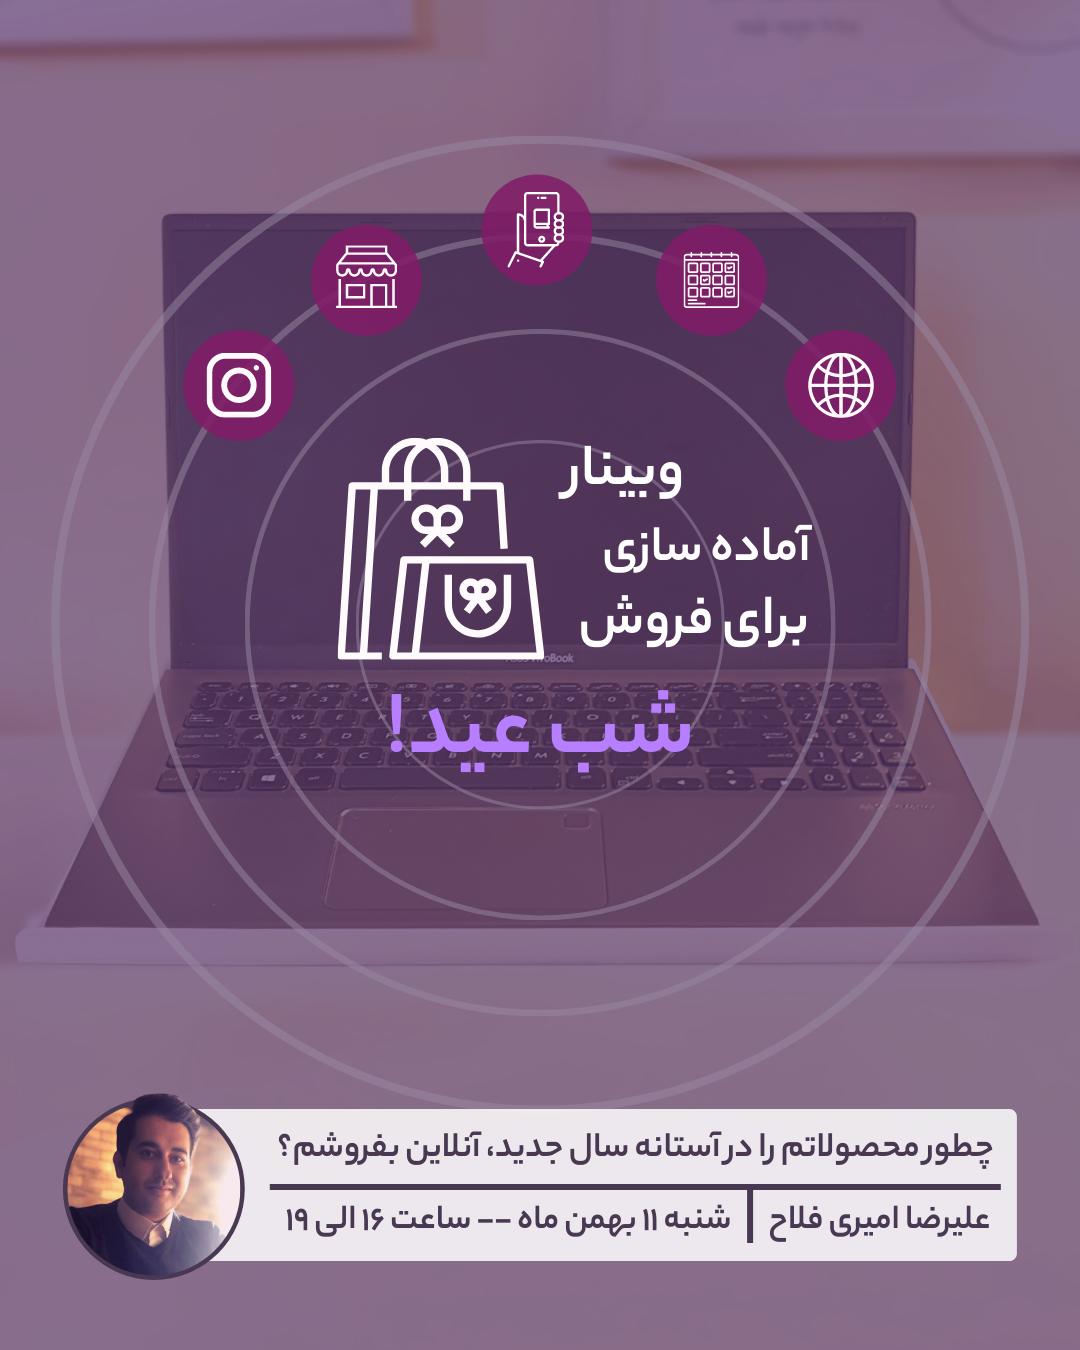 علیرضا امیری فلاح - متخصص دیجیتال برندینگ - سمینار فروش محصولات شب عید - اسفند 99